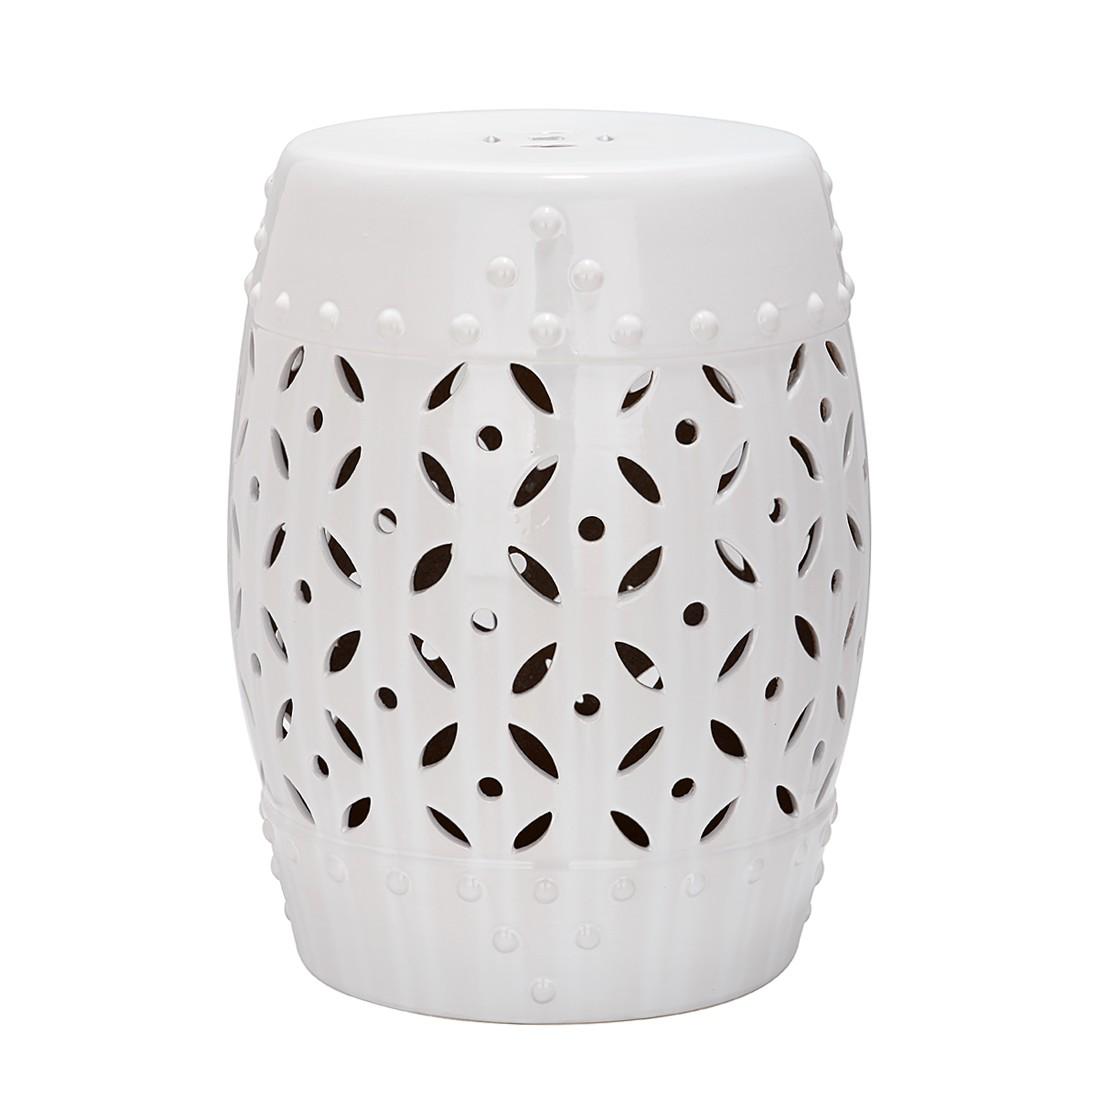 Keramikhocker Muenze